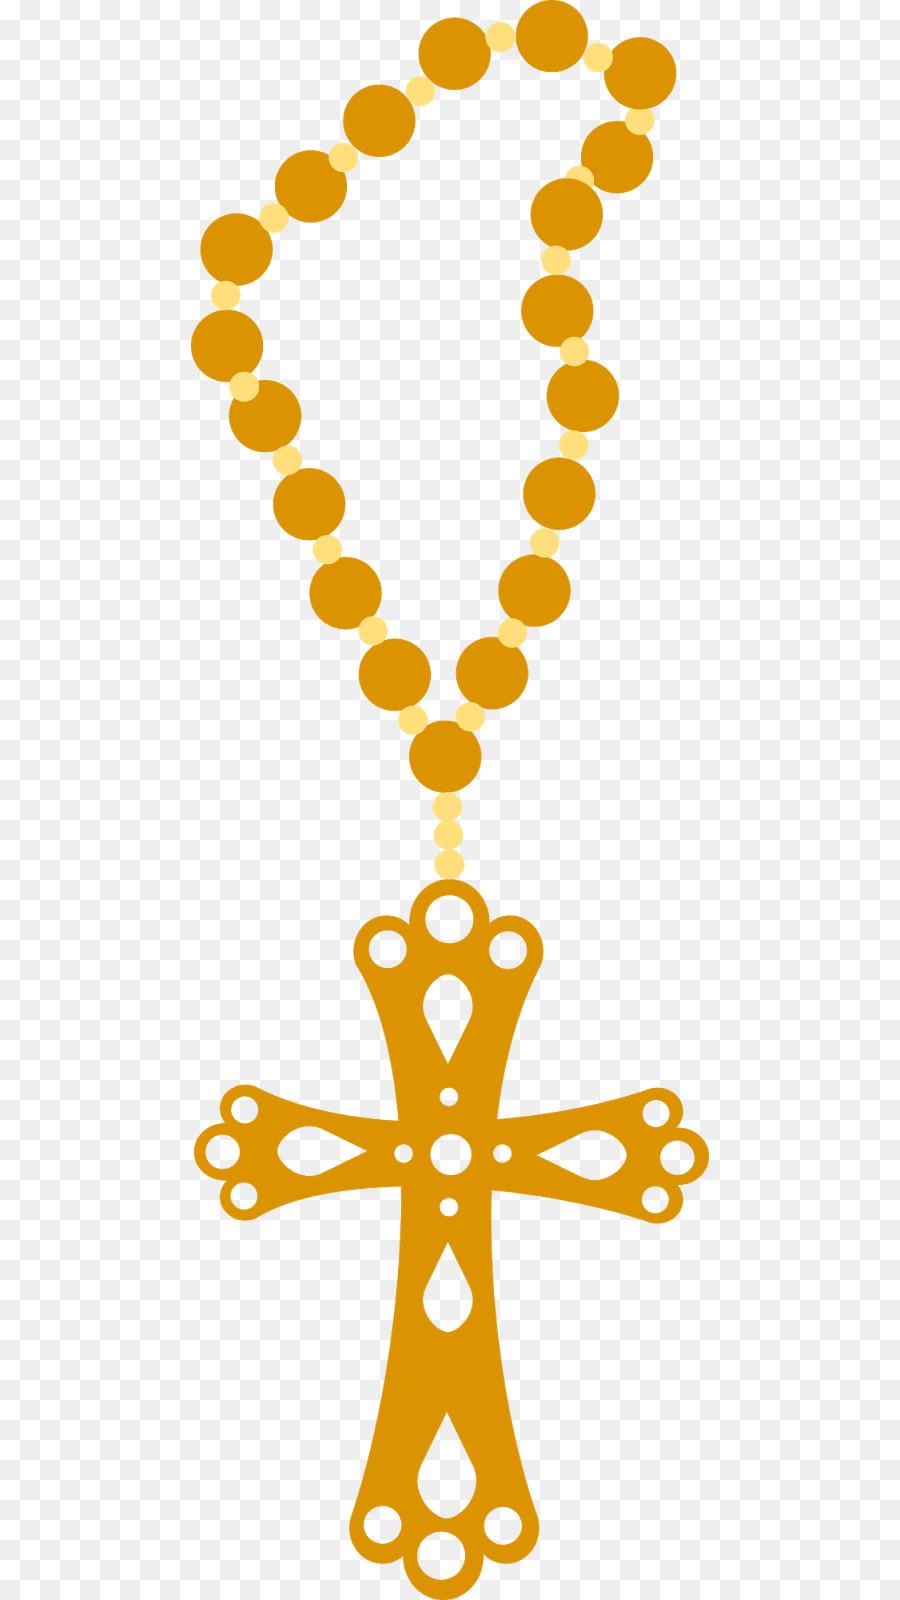 Descarga gratuita de La Primera Comunión, Eucaristía, El Bautismo Imágen de Png